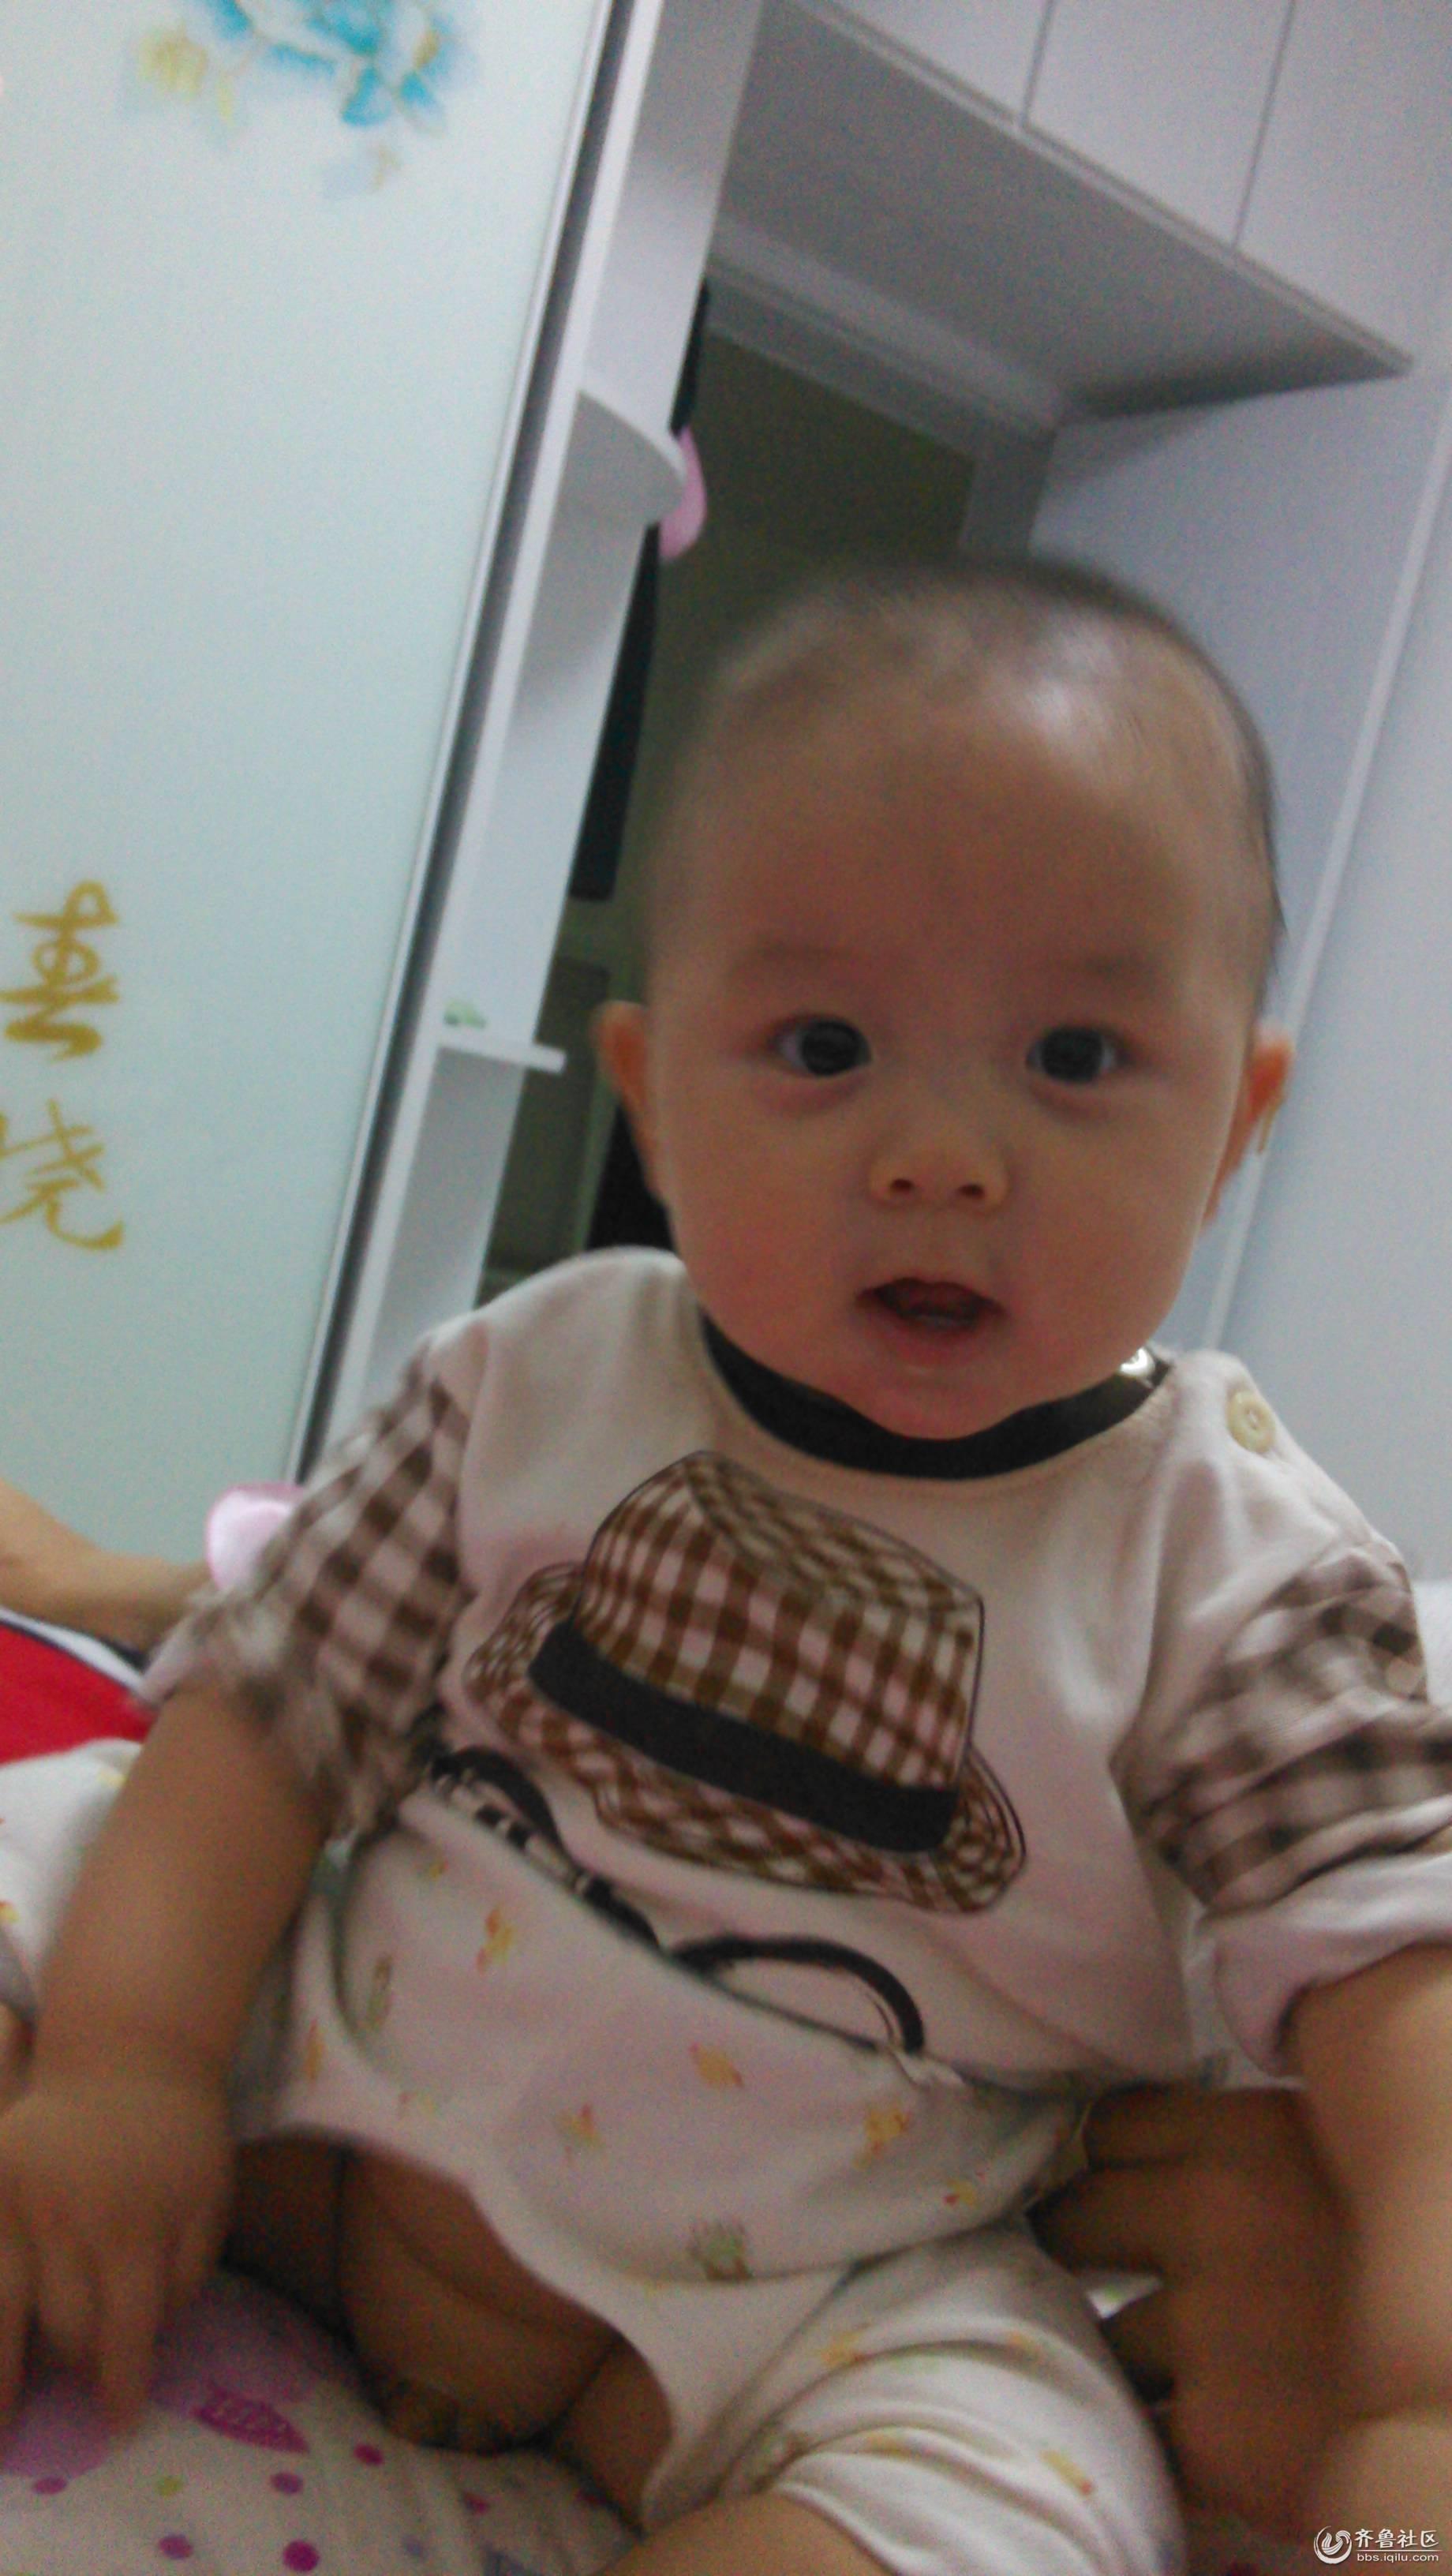 宝宝 壁纸 孩子 小孩 婴儿 1840_3264 竖版 竖屏 手机